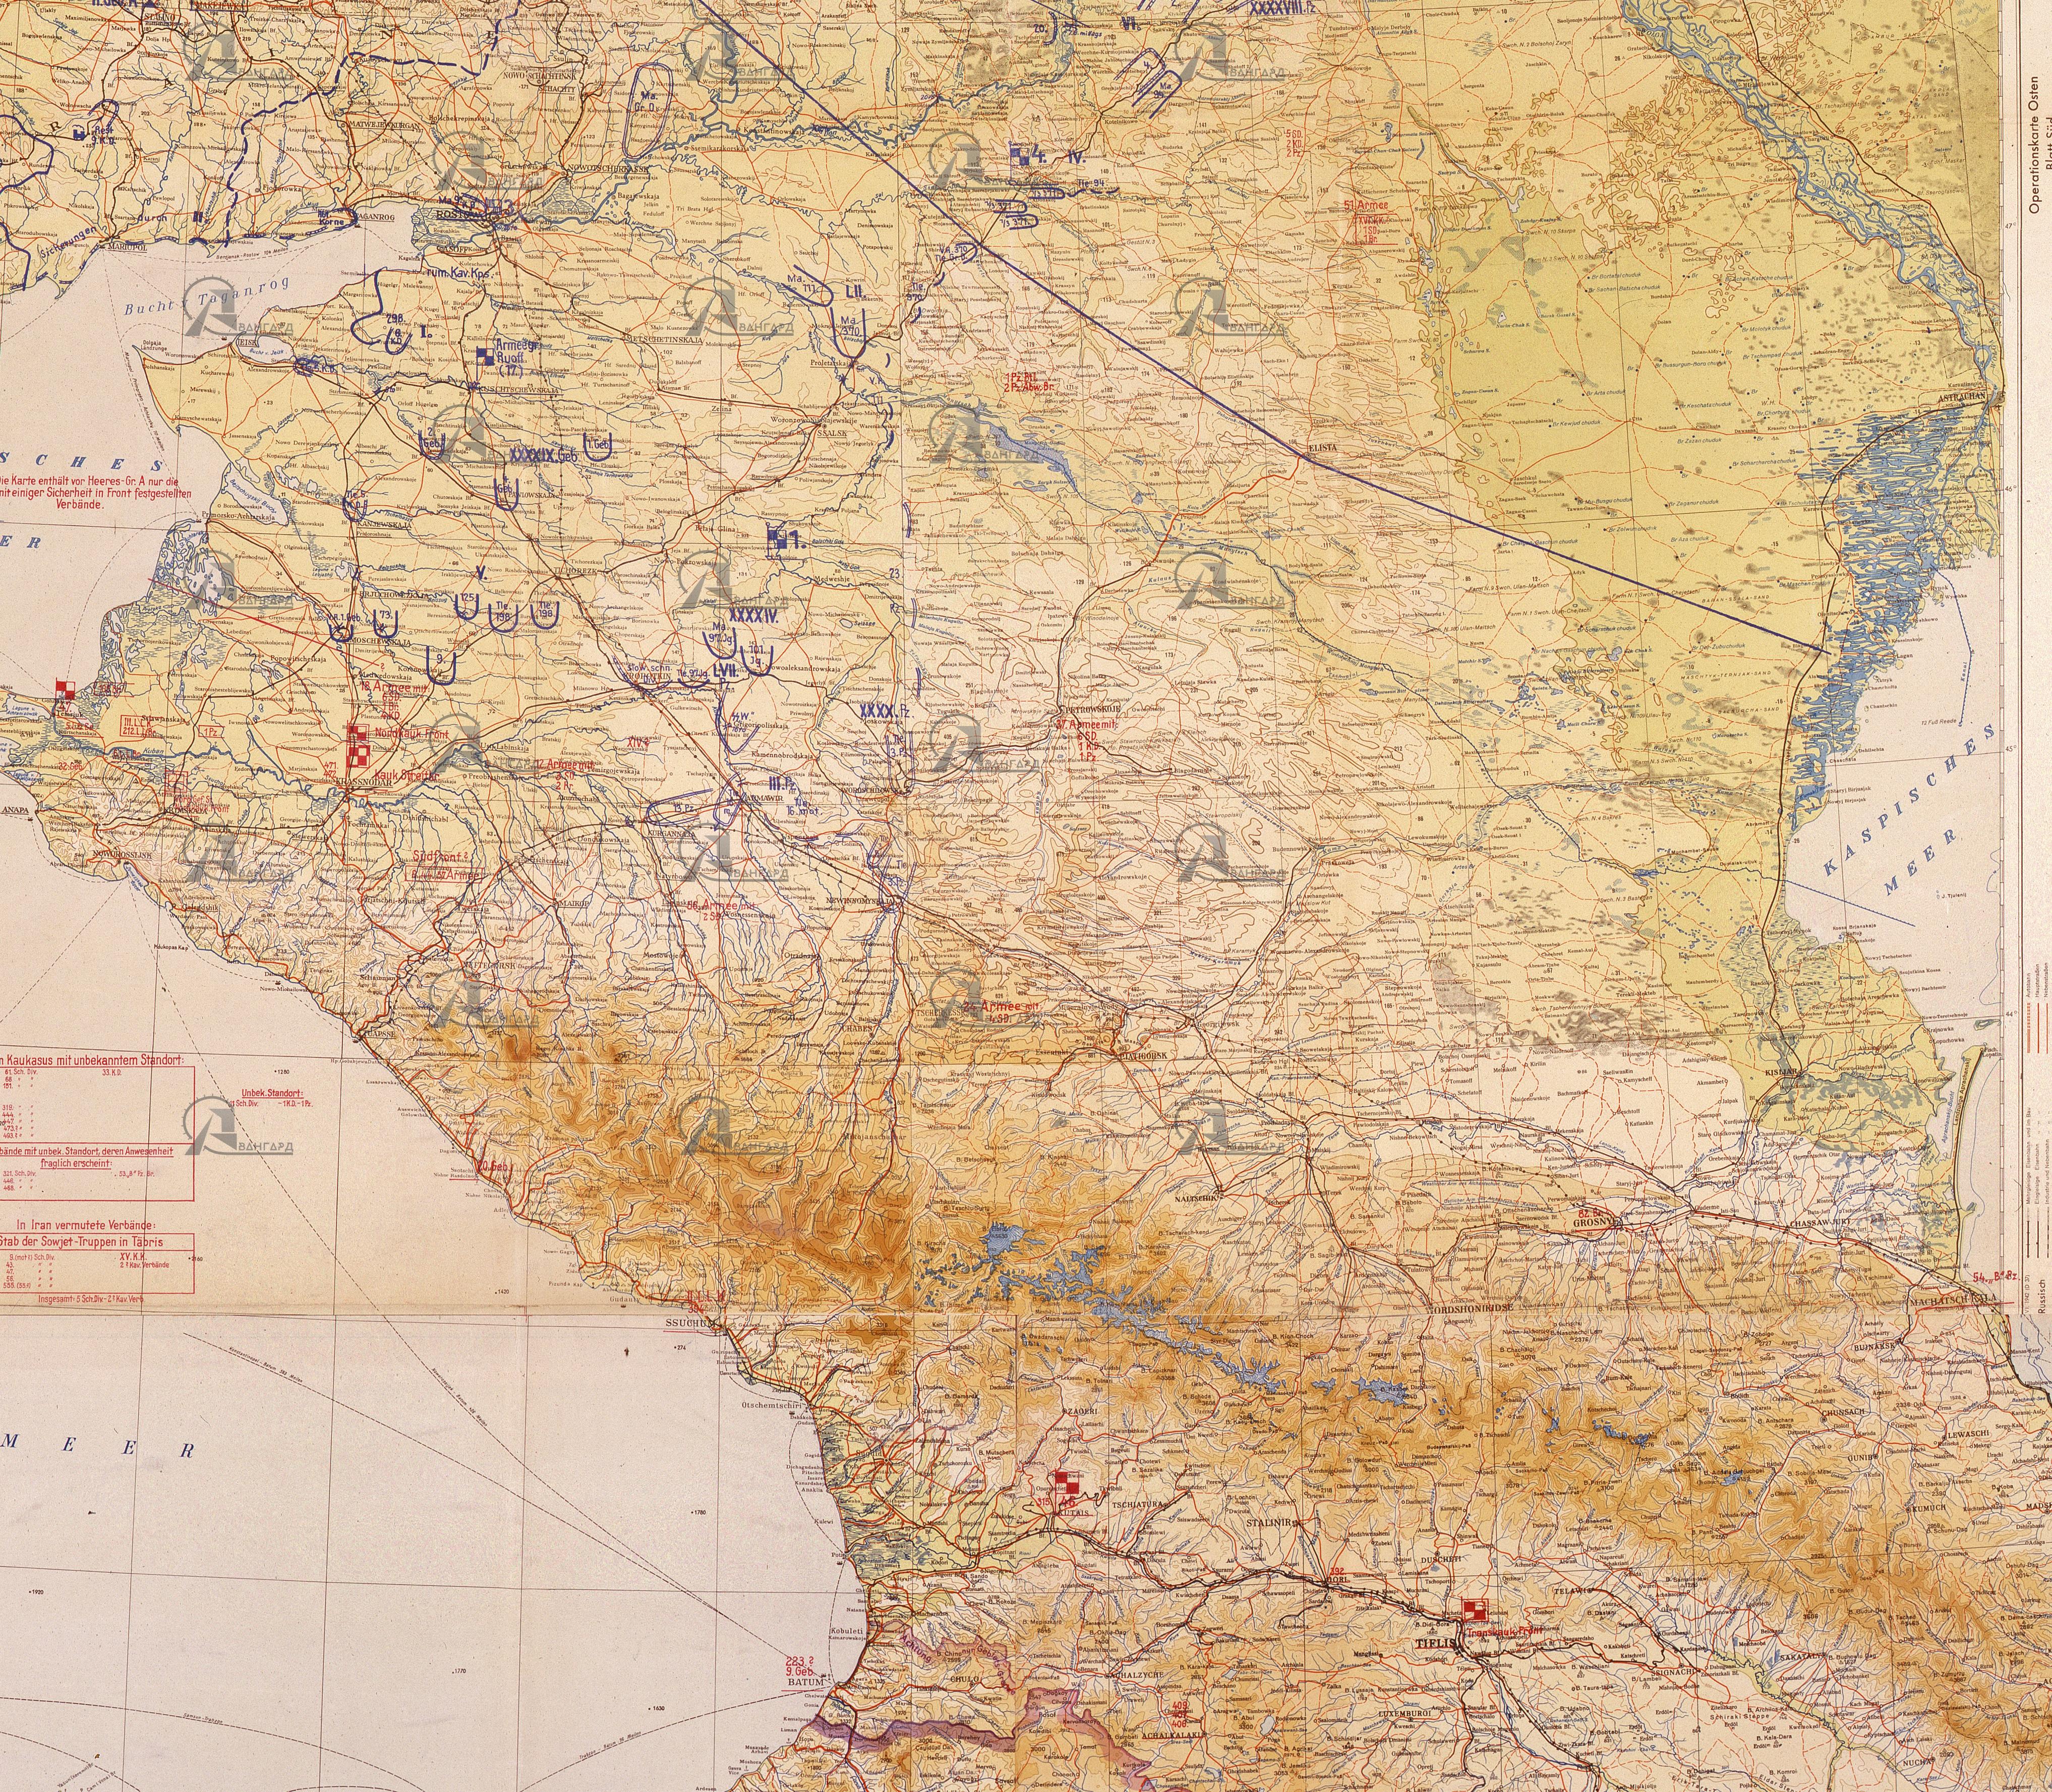 Фрагмент карты ОКХ от 06.08.1942 г